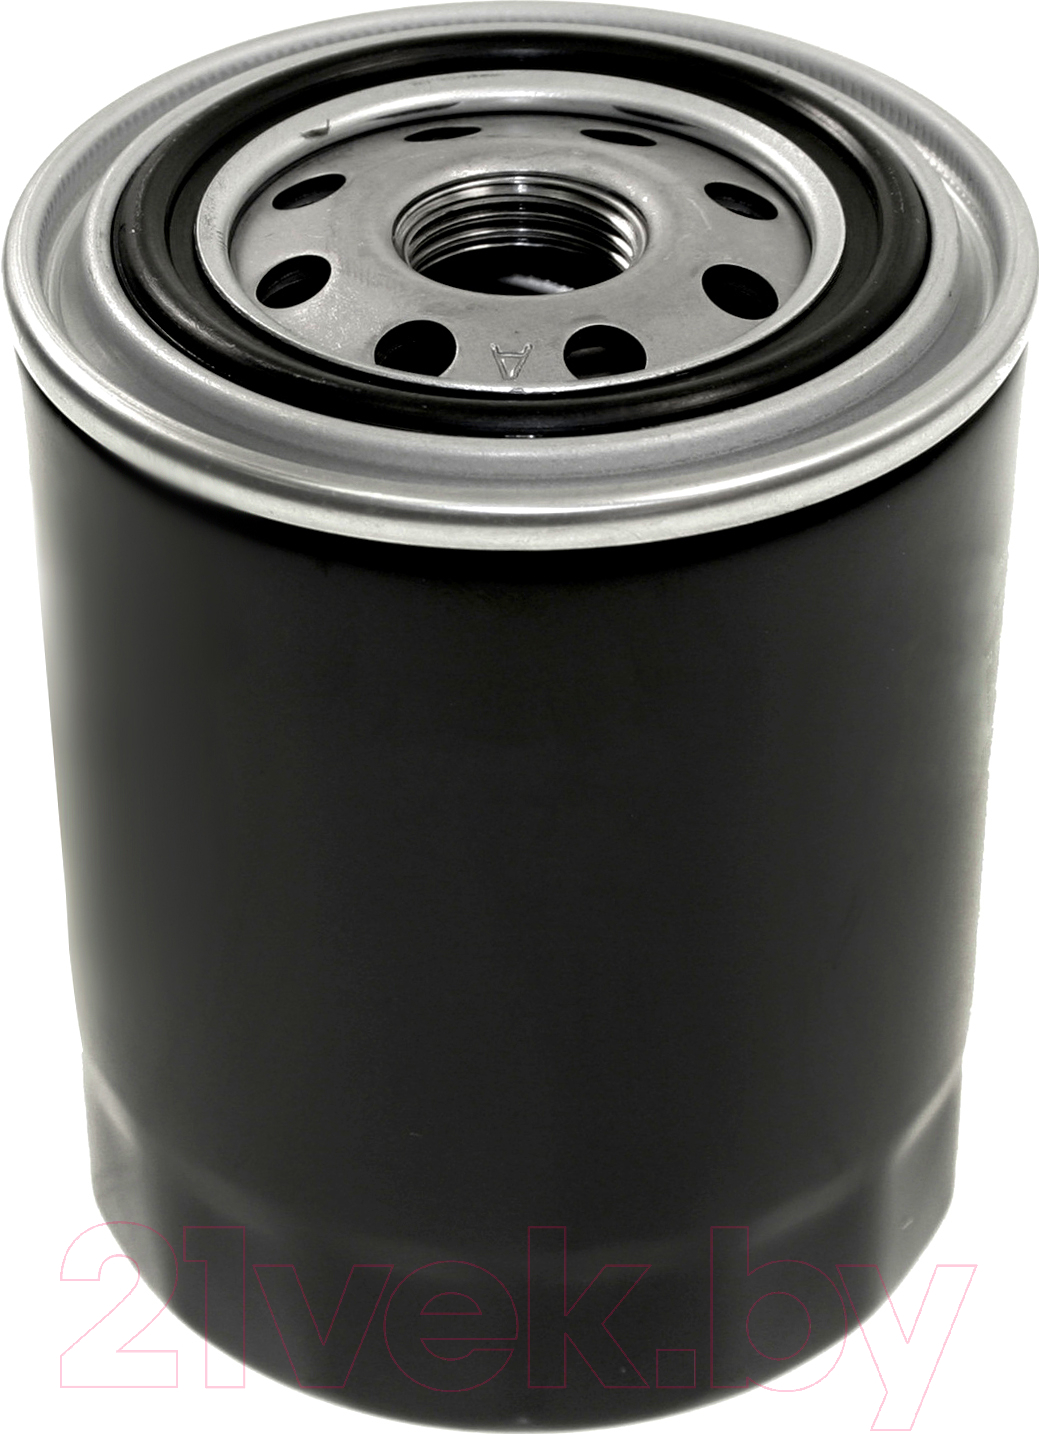 Масляный фильтр Patron, PF4276, Китай  - купить со скидкой